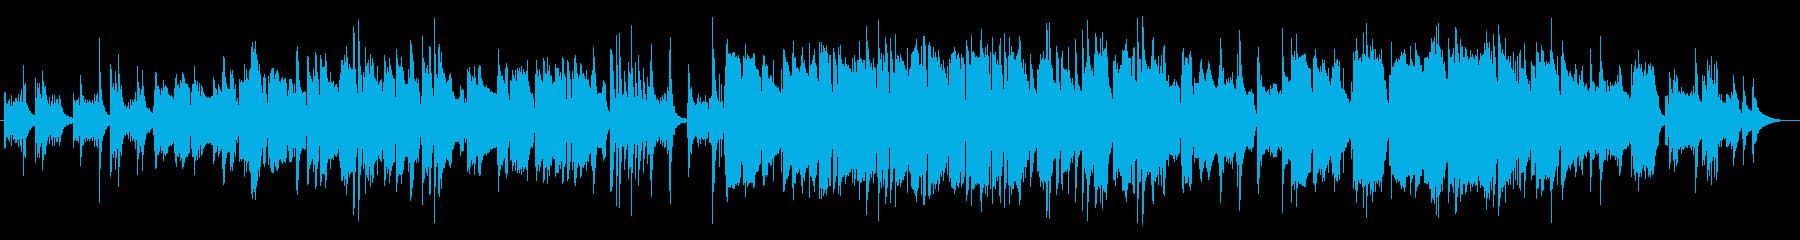 ムーディーで優雅なジャズサウンドの再生済みの波形